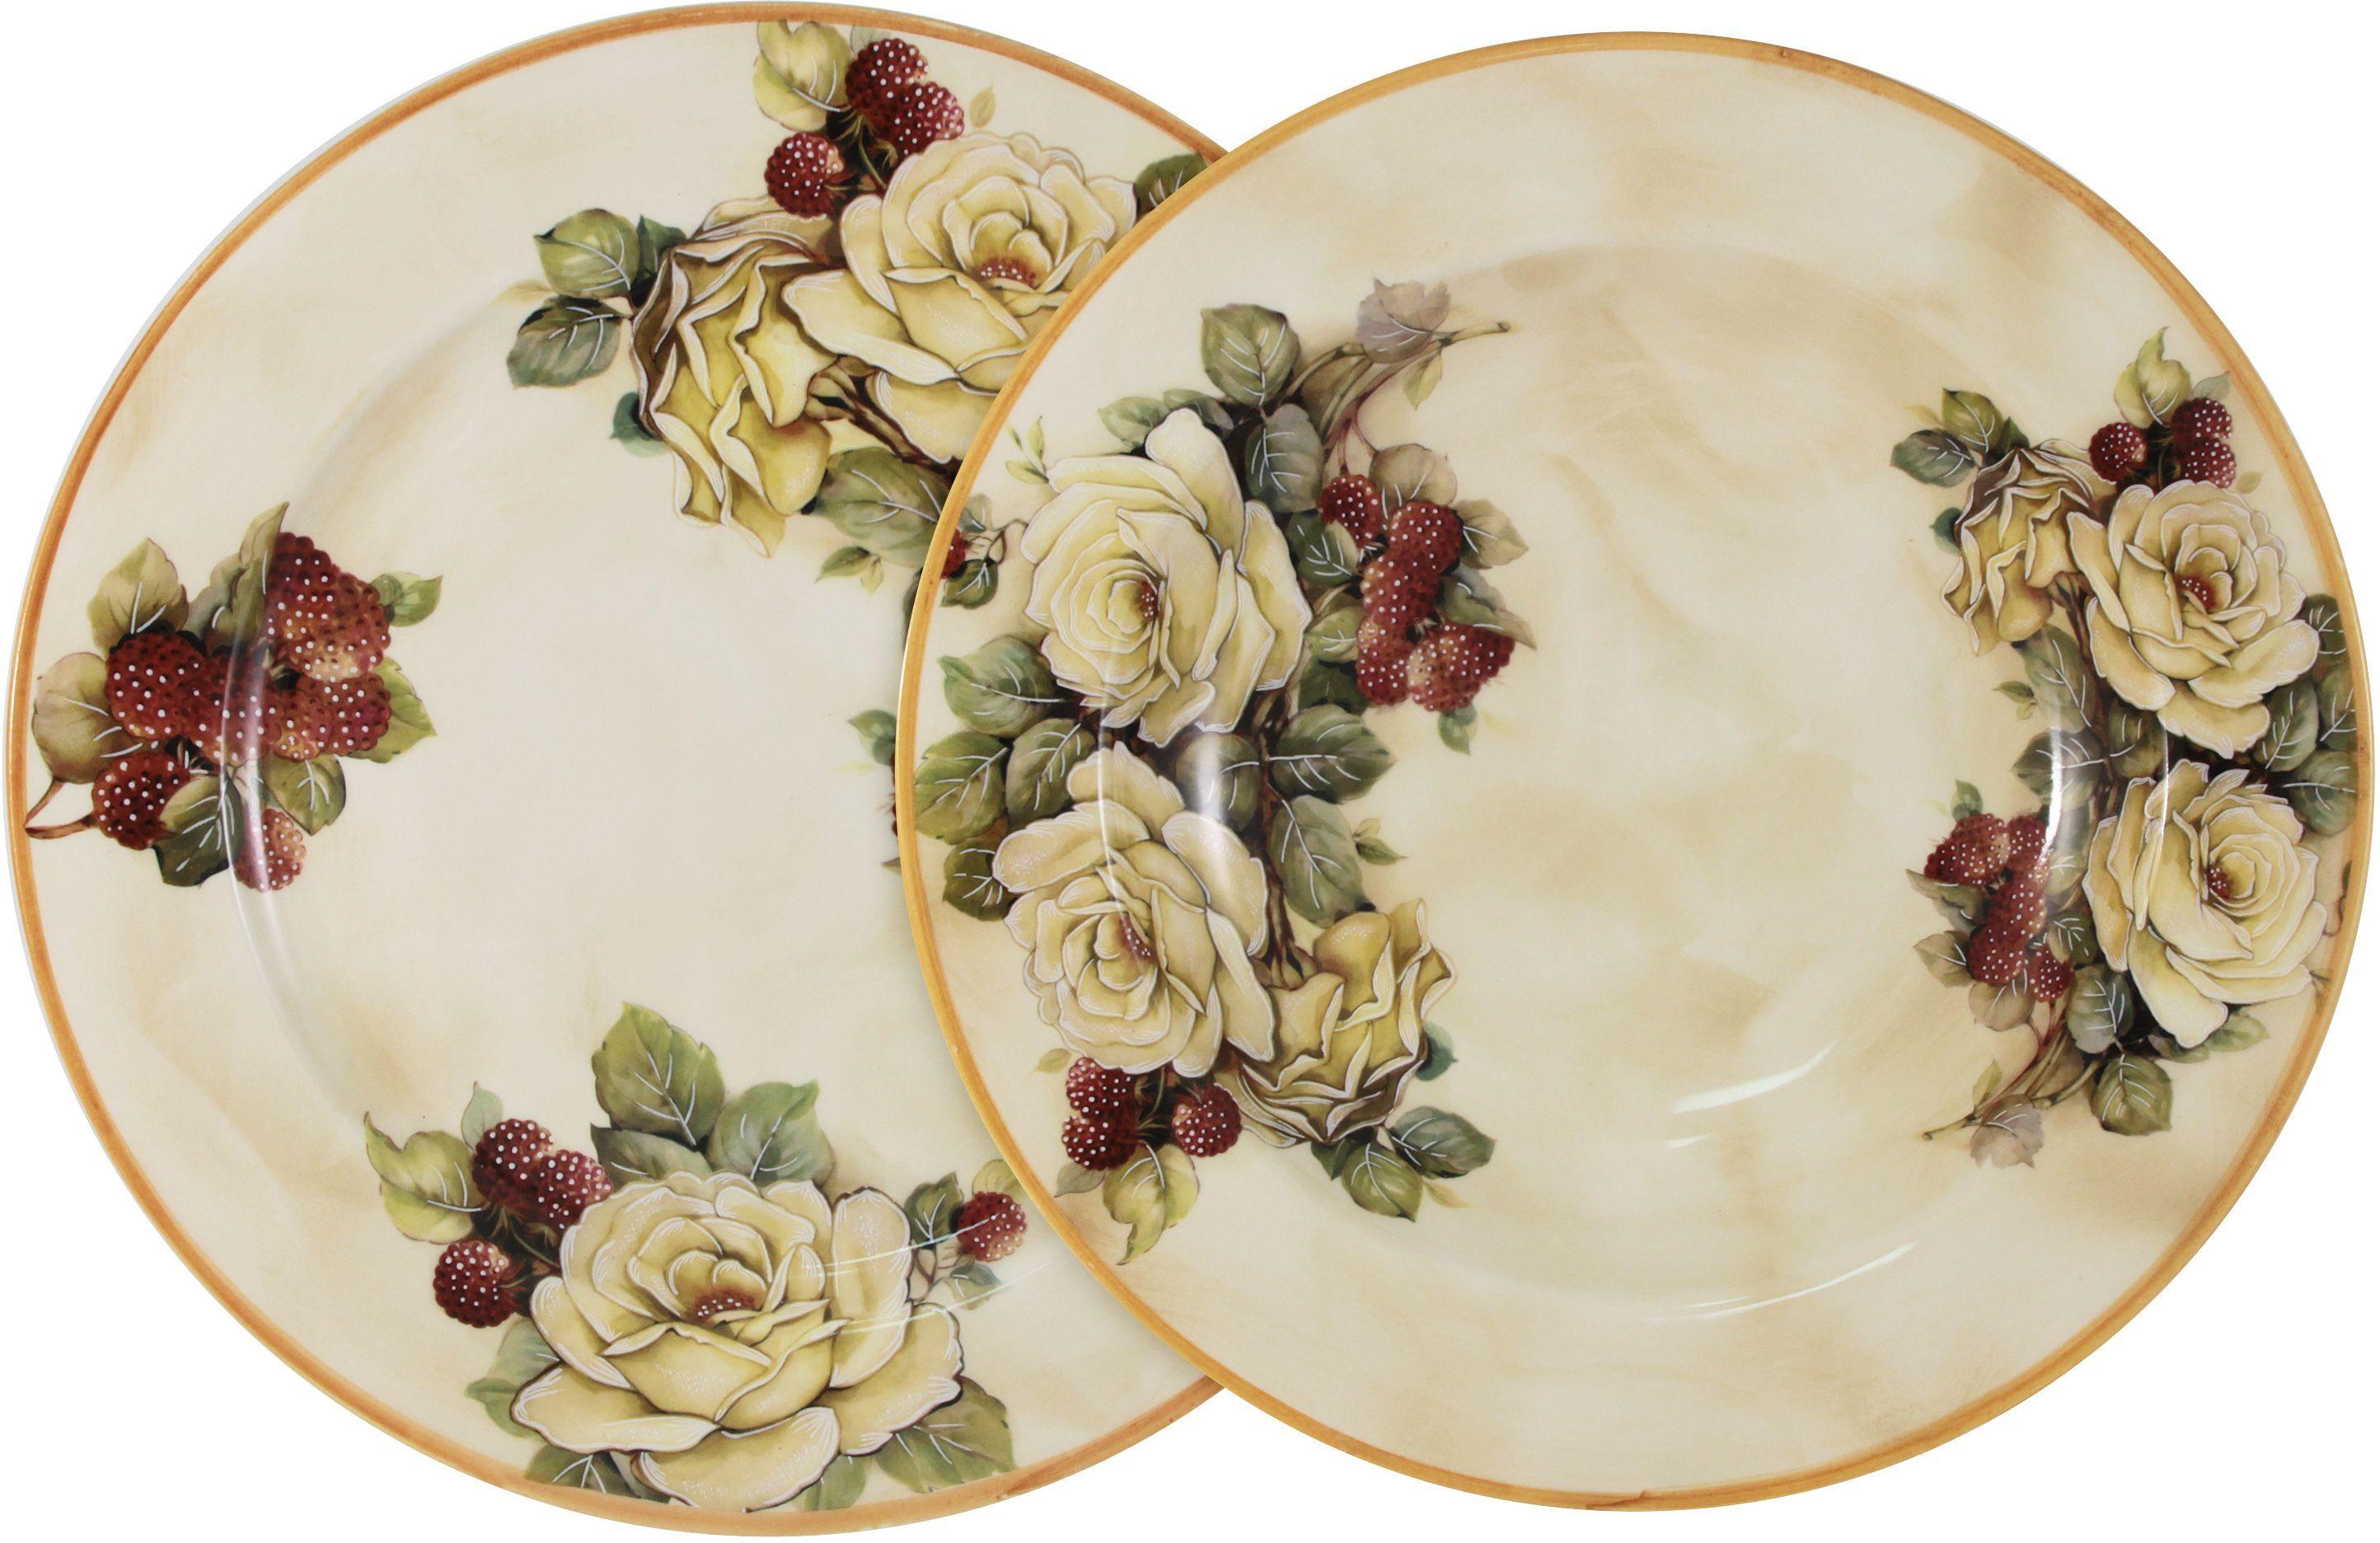 Набор тарелок LCS Роза и малина: суповая, 23,5 см, обеденная, 25 см54163Набор тарелок: суповая (23,5 см) + обеденная (25 см) Роза и малина LCS - молодая, динамично развивающаяся итальянская компания из Флоренции, производящая разнообразную керамическую посуду и изделия для украшения интерьера. В своих дизайнах LCS использует как классические, так и современные тенденции. Высокий стандарт изделий обеспечивается за счет соединения высоко технологичного производства и использования ручной работы профессиональных дизайнеров и художников, работающих на фабрике.